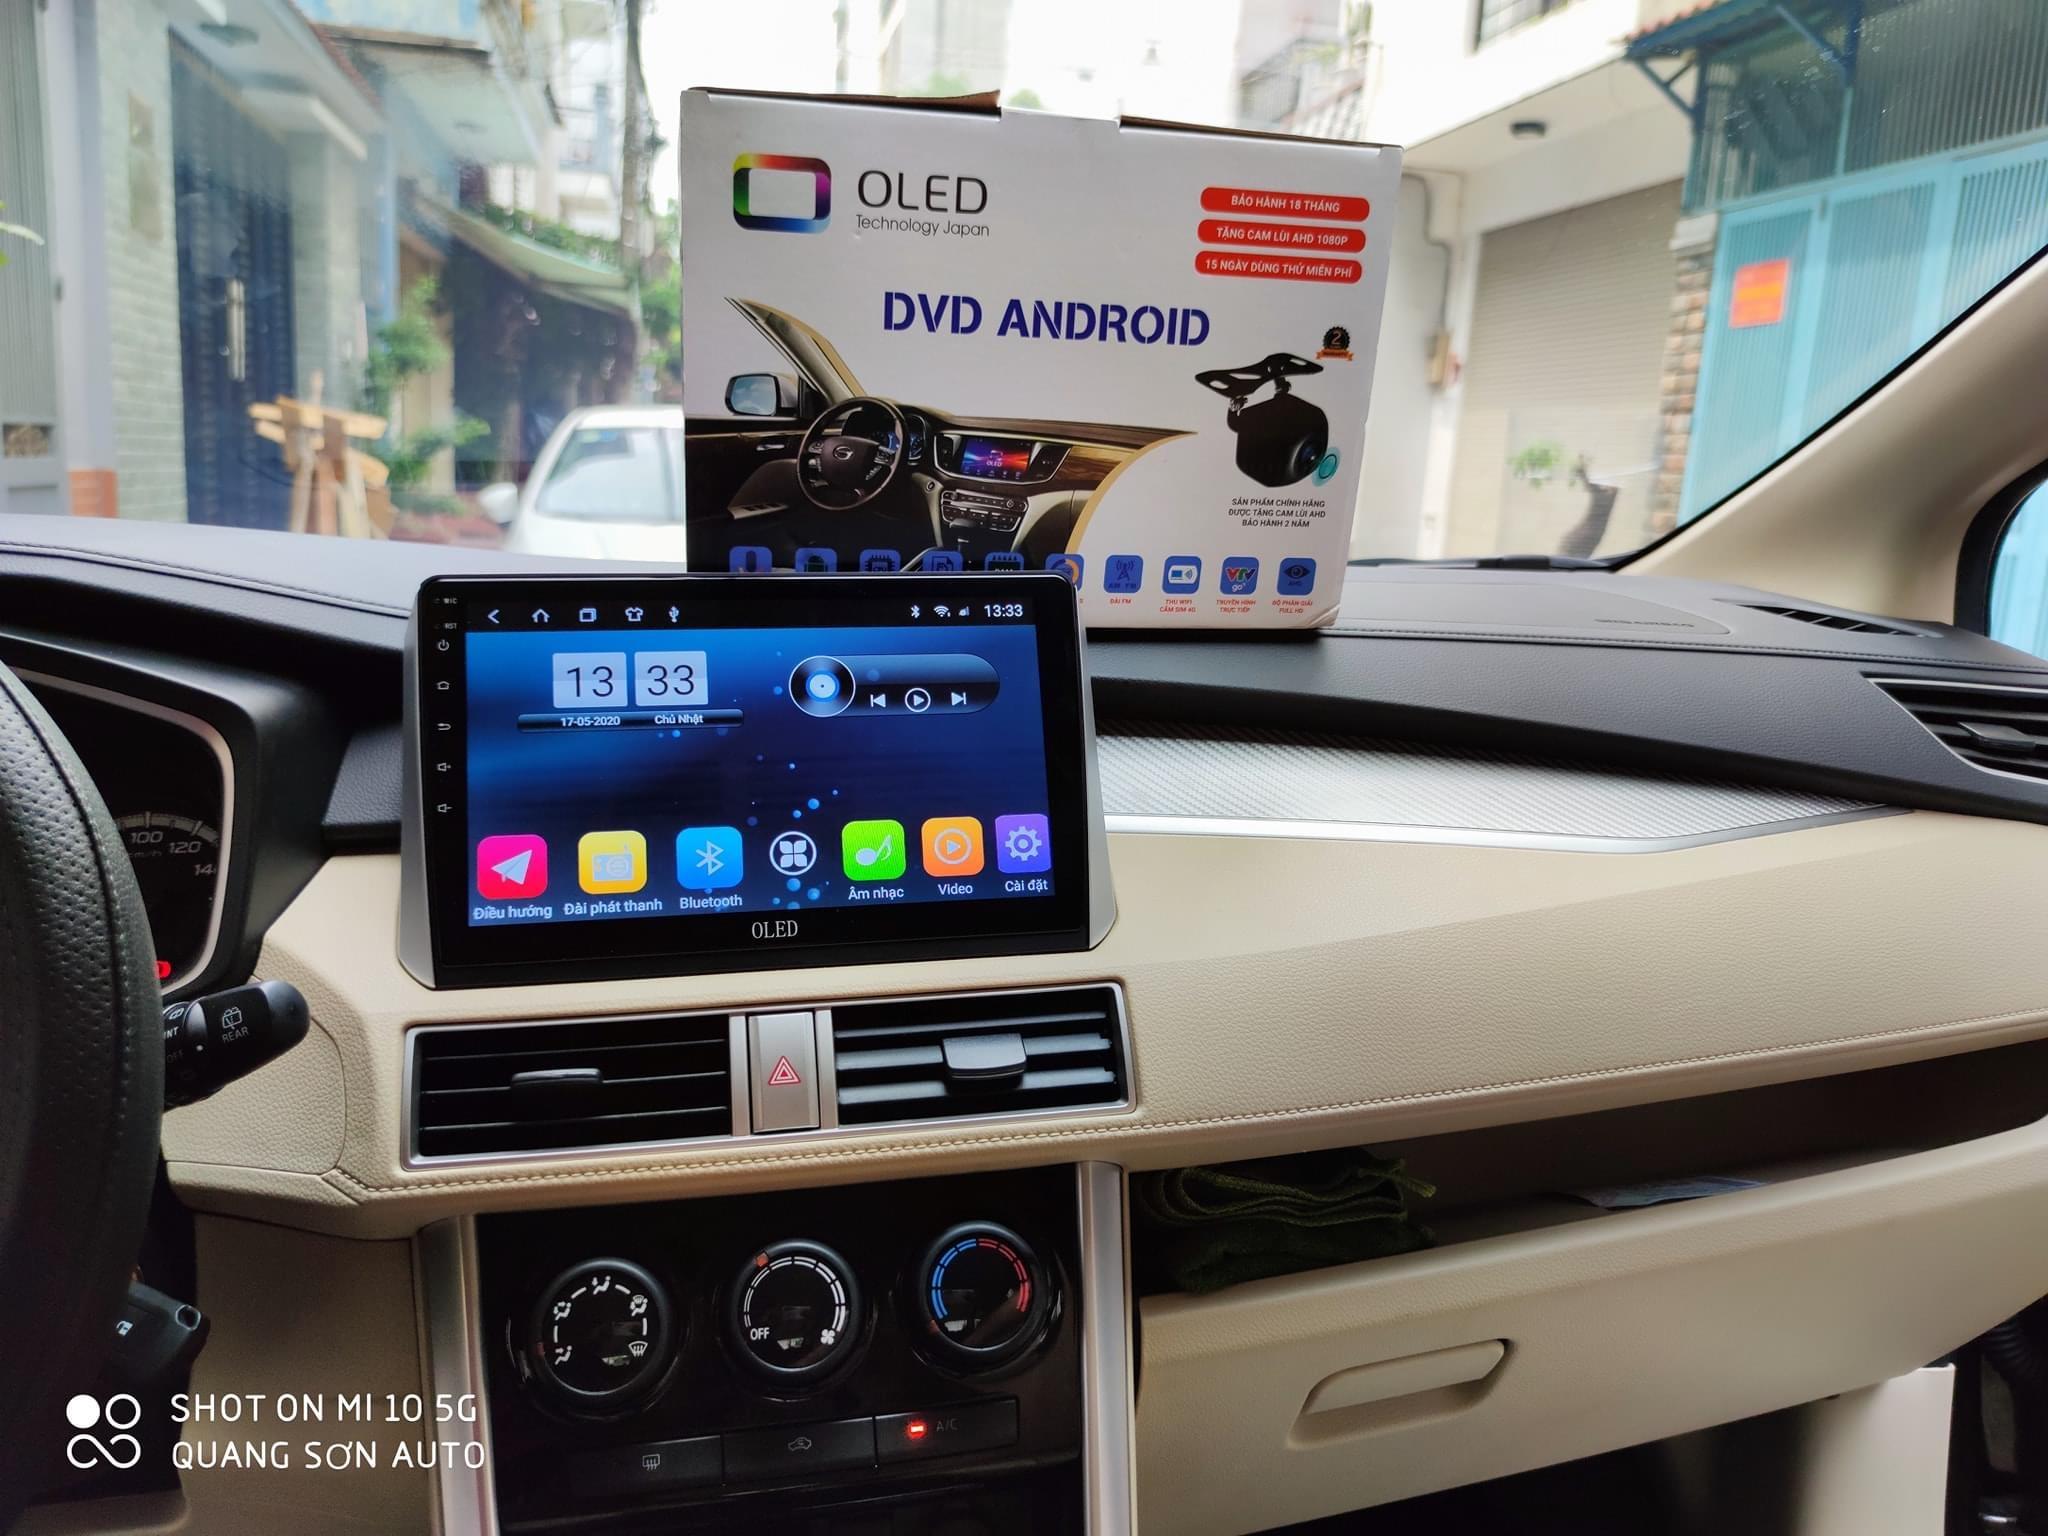 Lắp Đặt Màn Hình DVD Android Cho Ô Tô Tại TPHCM